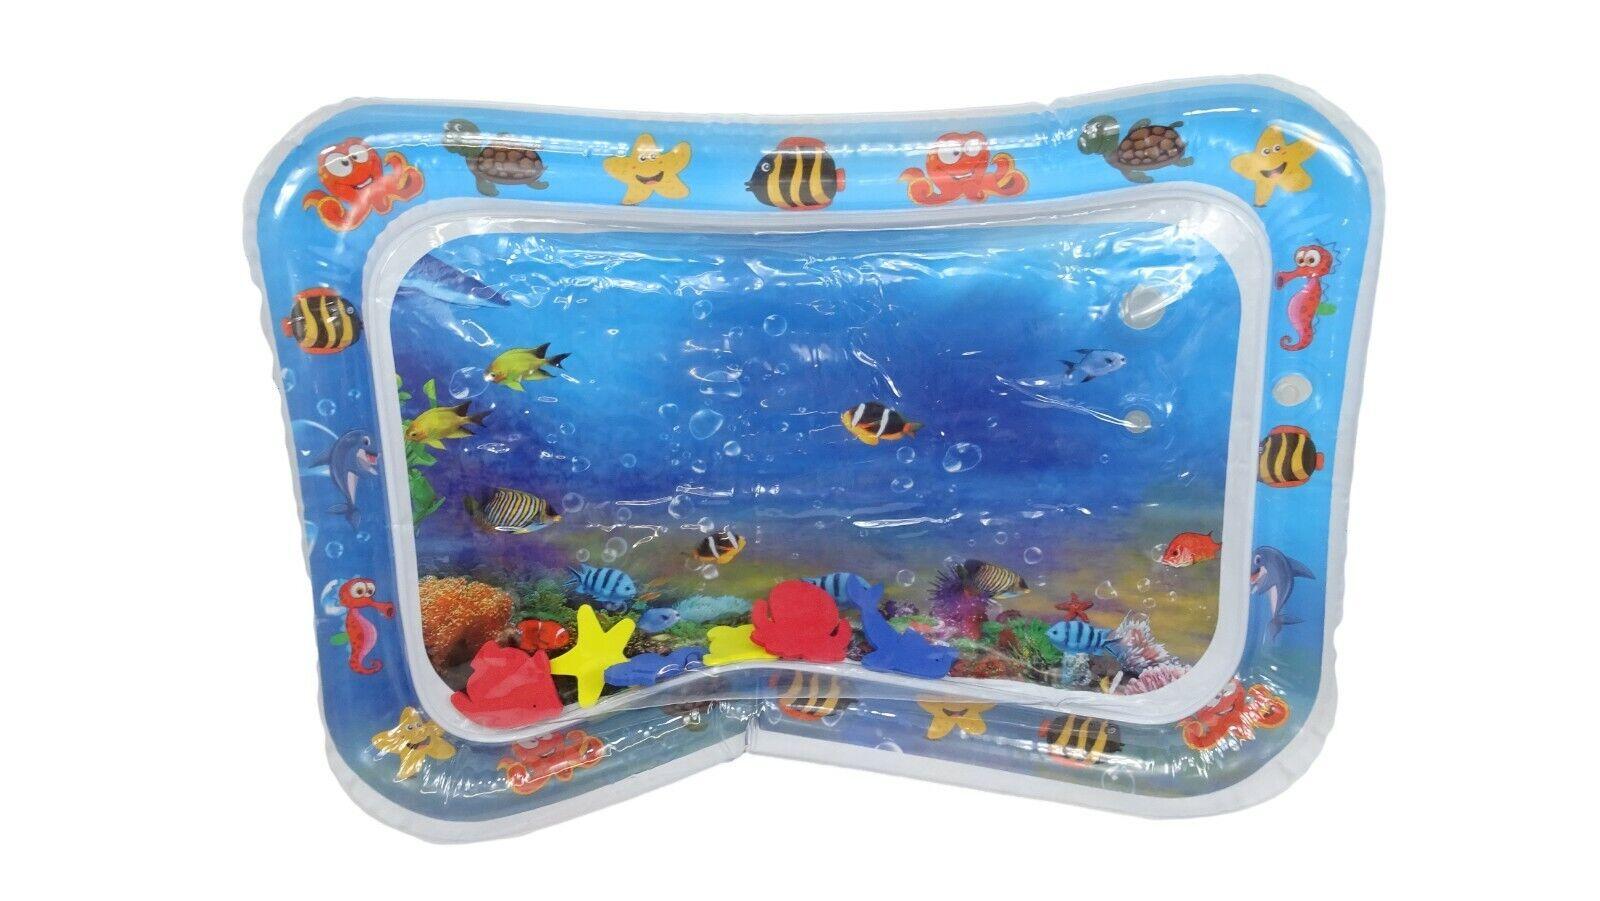 Baby Wassermatte Aufblasbare Kinder Tastmatte 66x50cm Spielmatte Wasserspielzeug